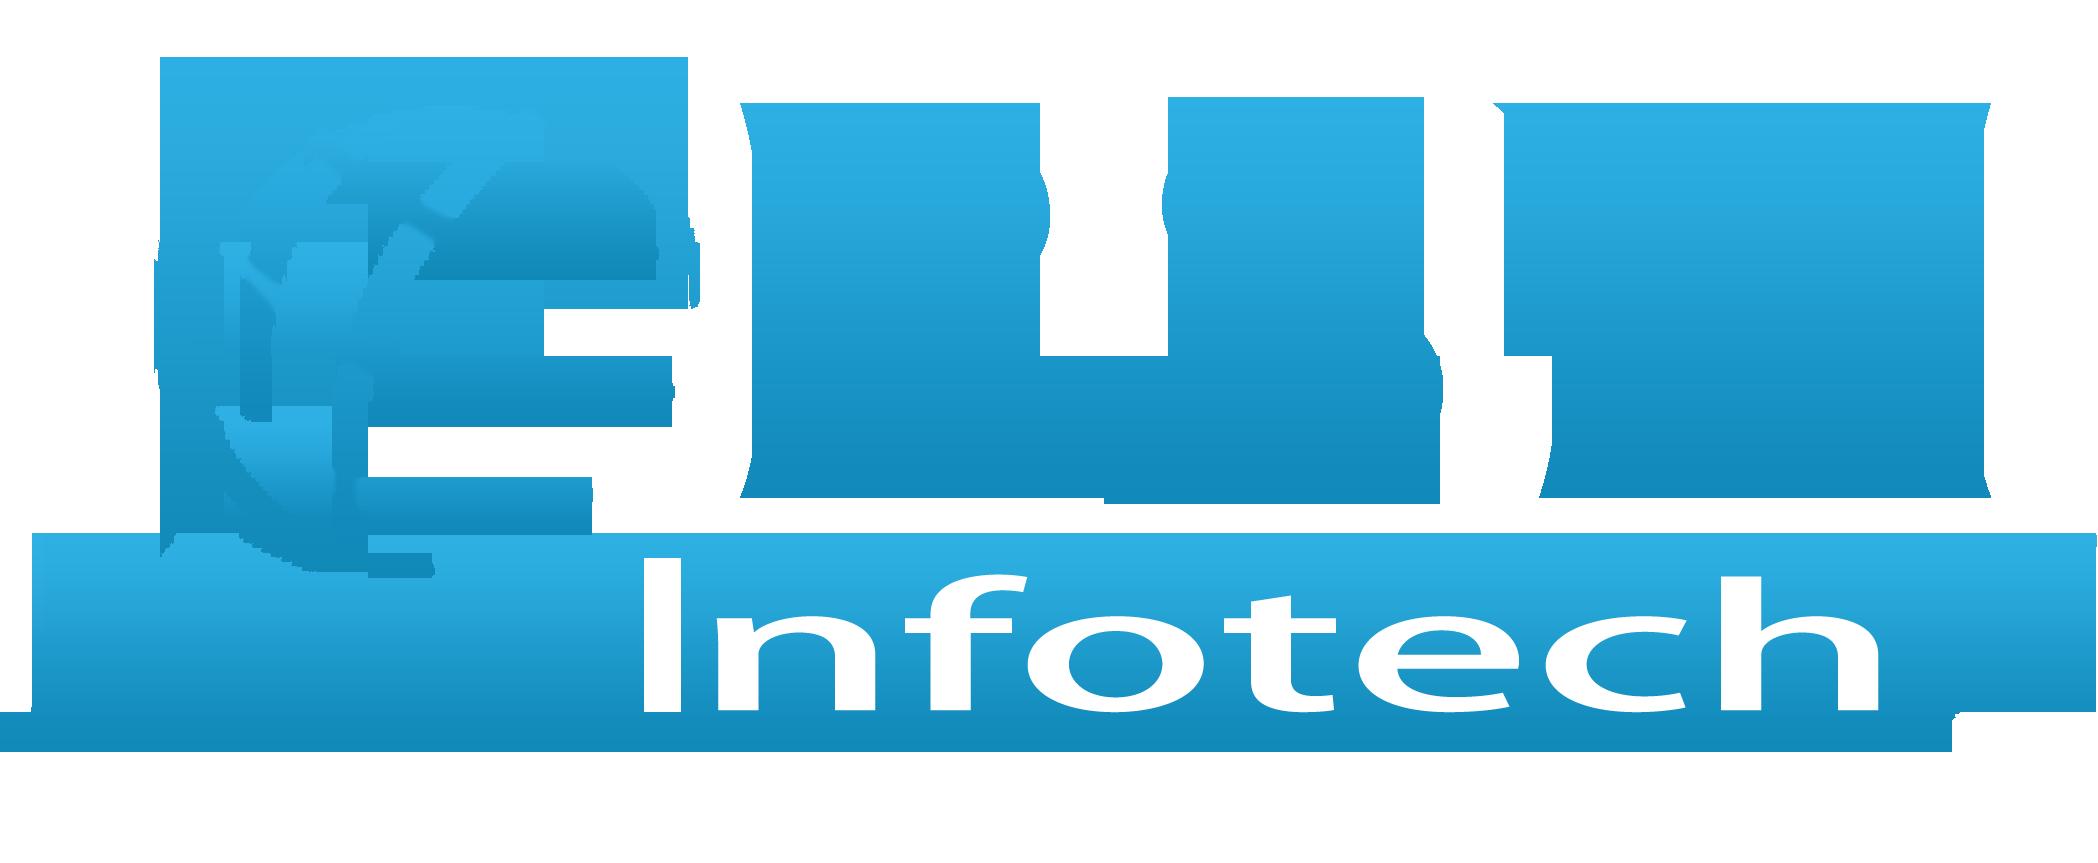 RSN Infotech Pvt Ltd Job Openings